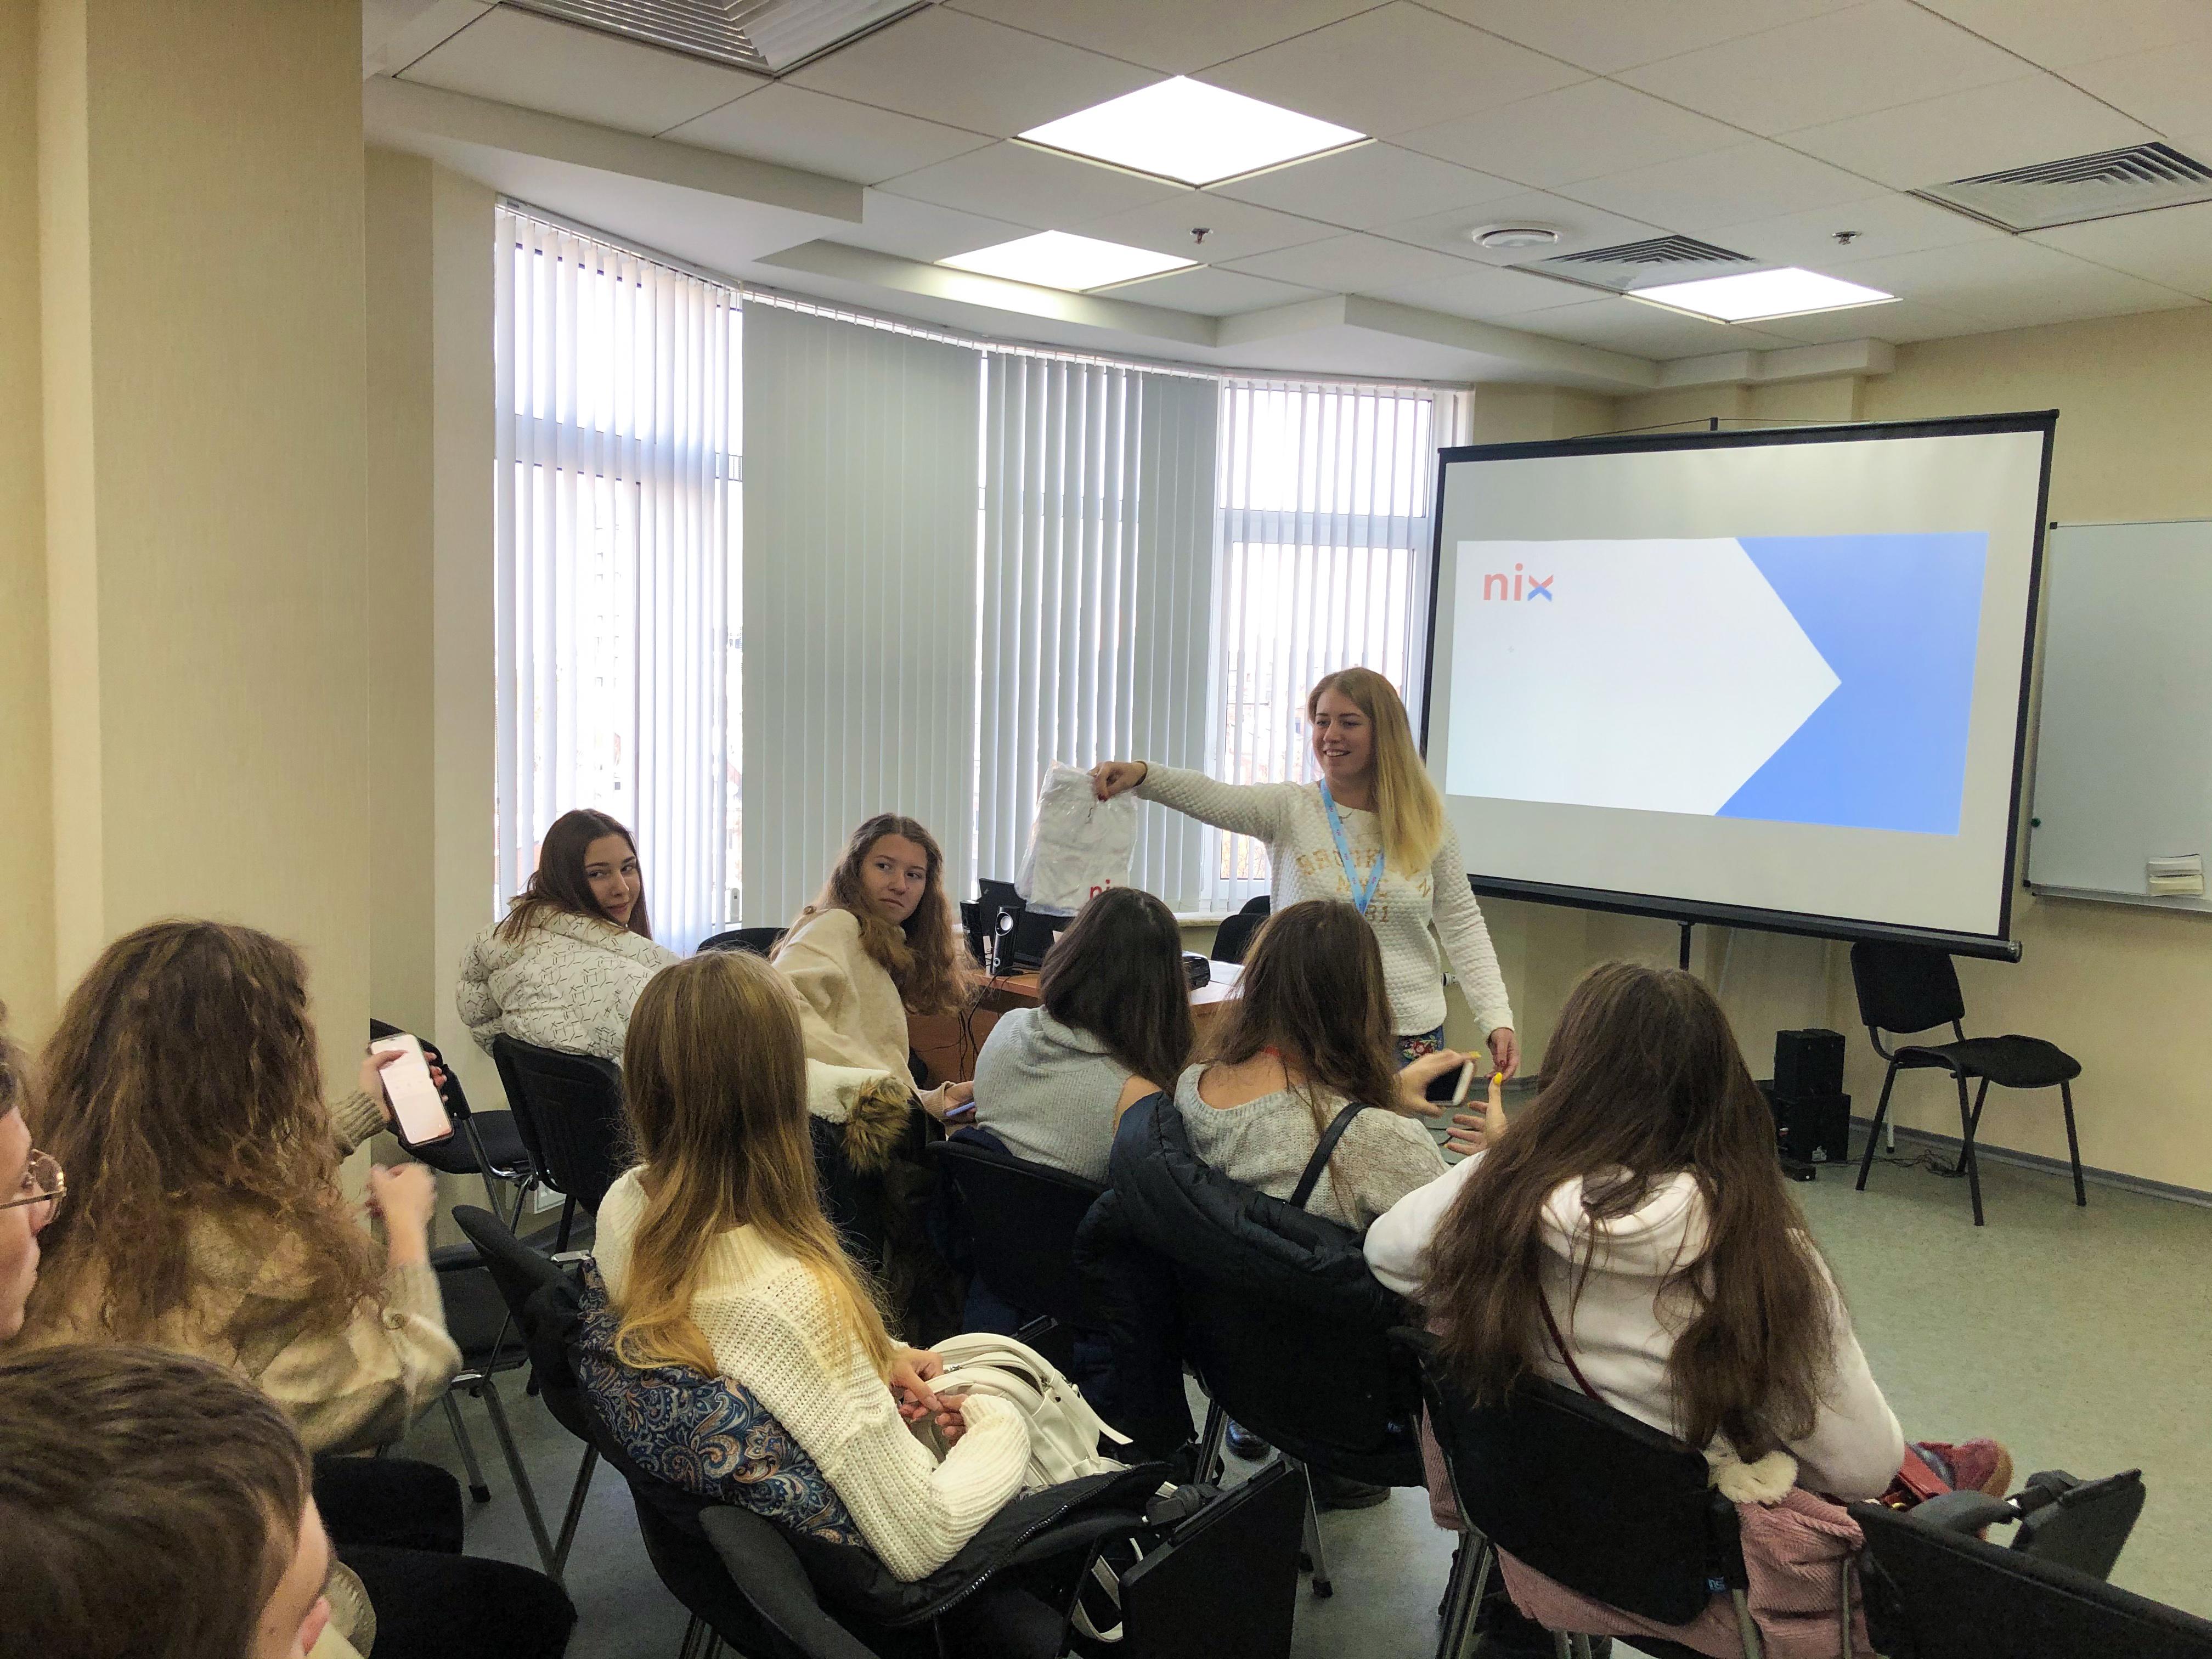 rr-1 Kids2IT - экскурсия для школьников в компанию NIX